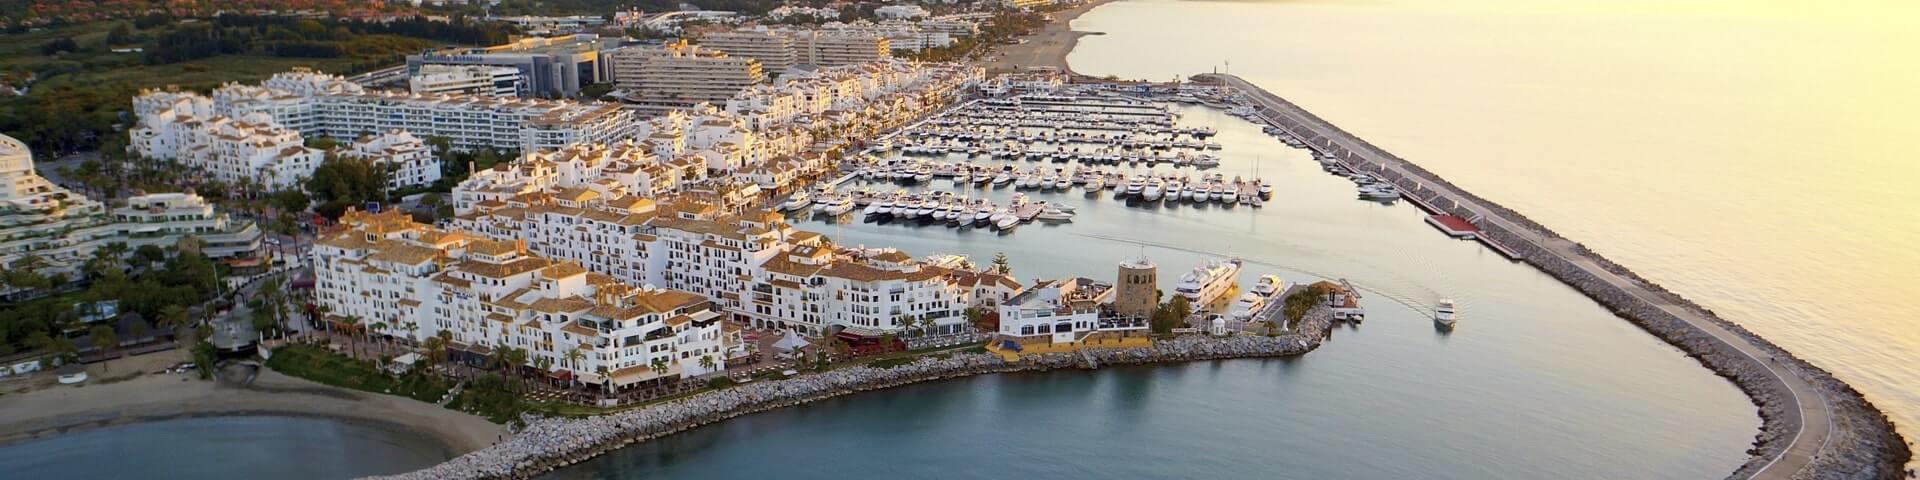 Asesoramiento consulting inmobiliario Marbella